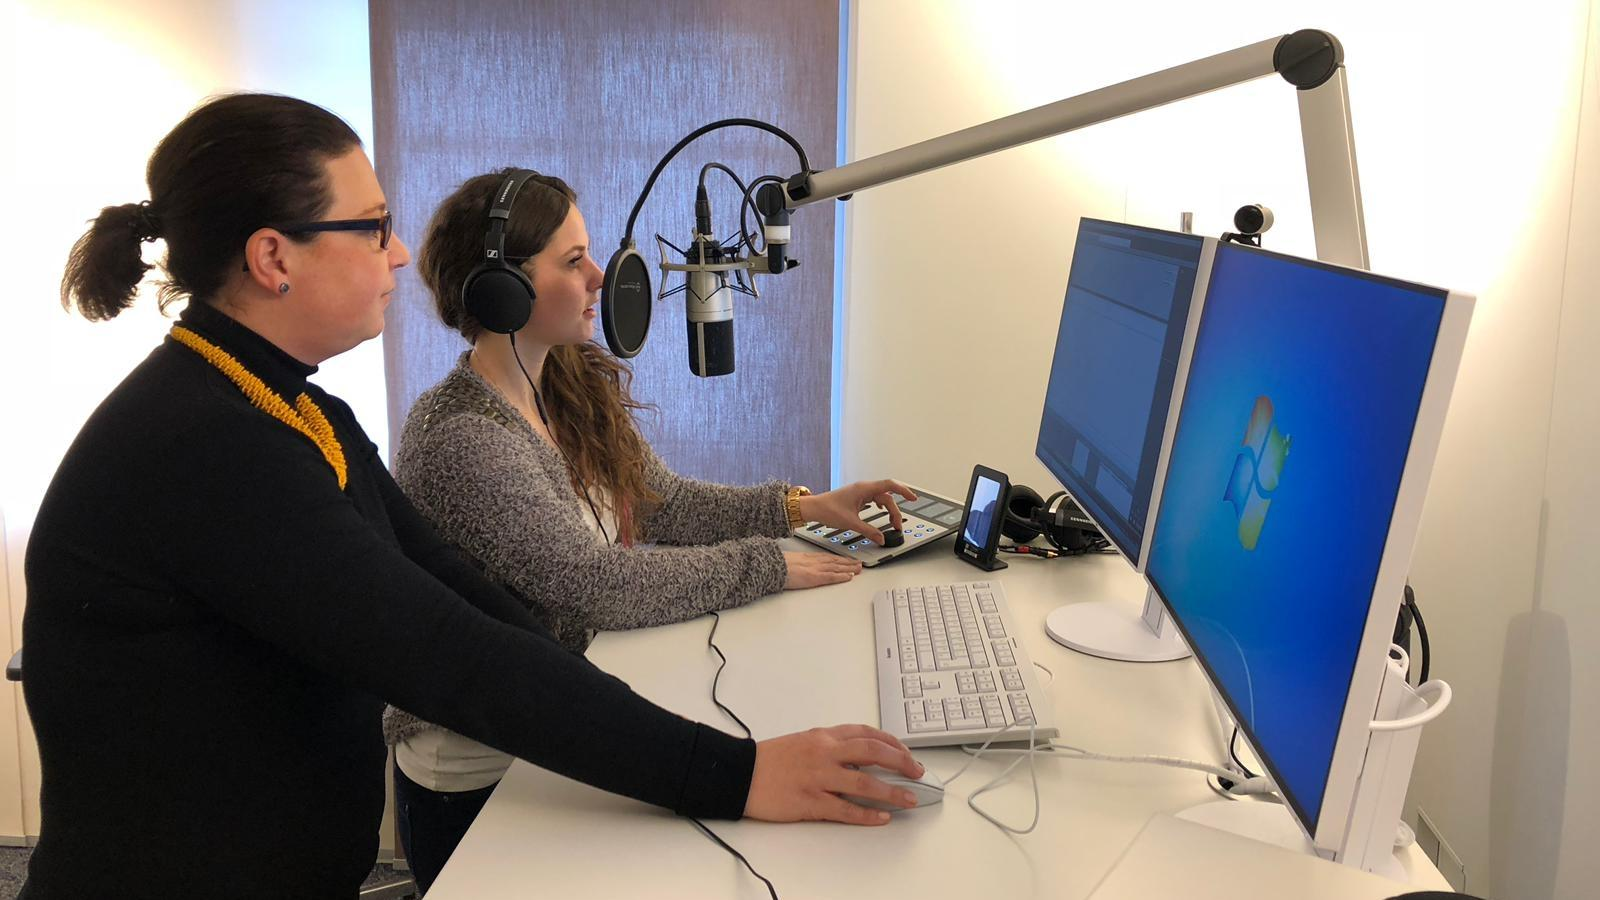 Im Aufnahmestudio können Hörfunkbeitrage aufgenommen oder Fernsehstücke geschnitten werden.